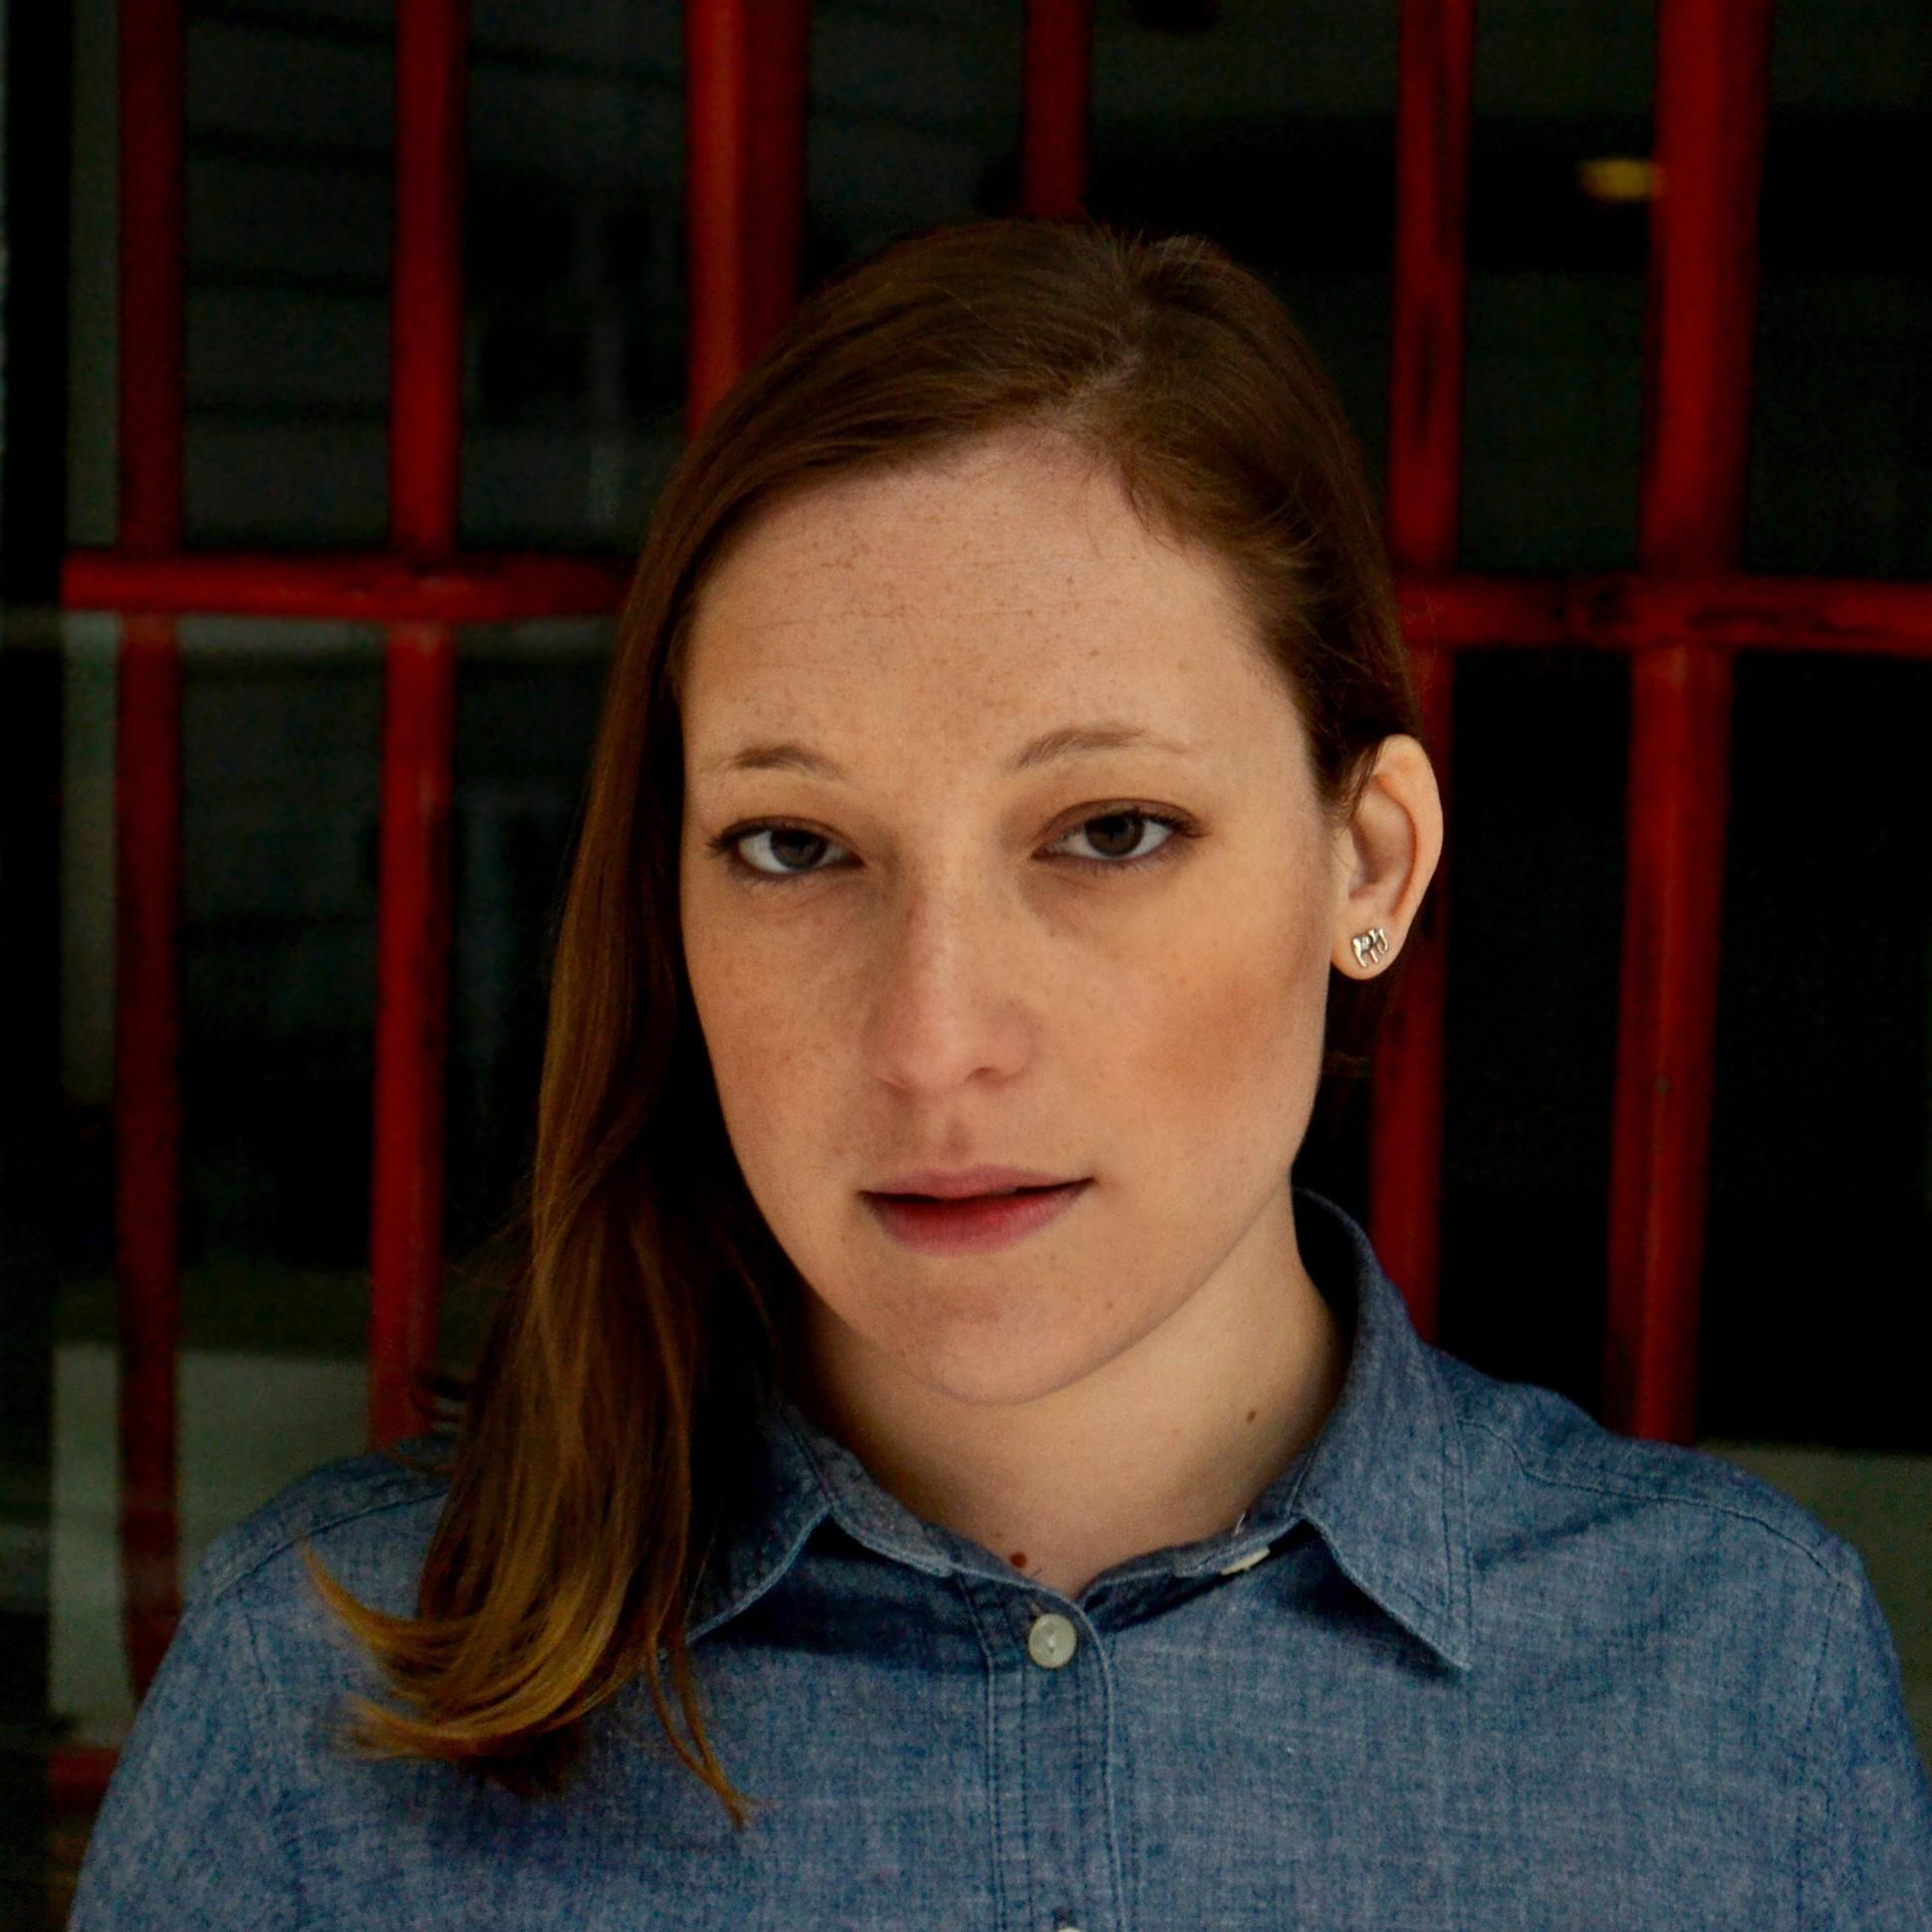 Sara Nović